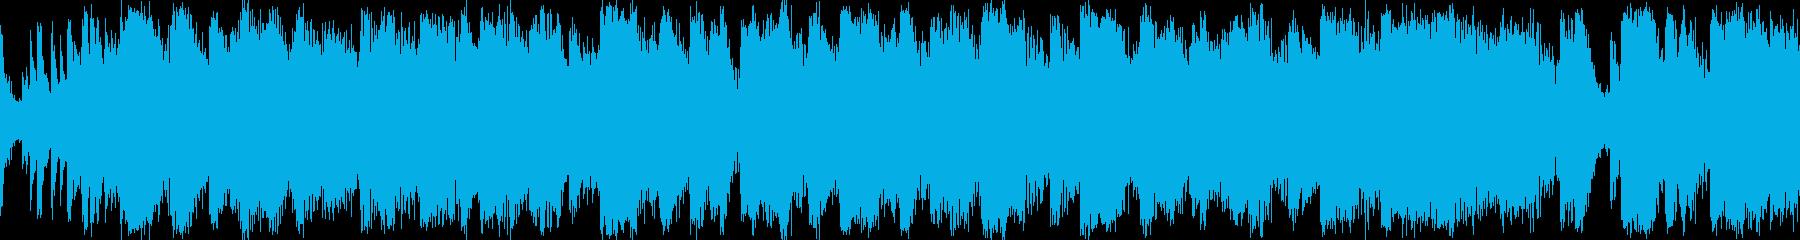 カジノマシンでプレイ中の演出音楽の再生済みの波形